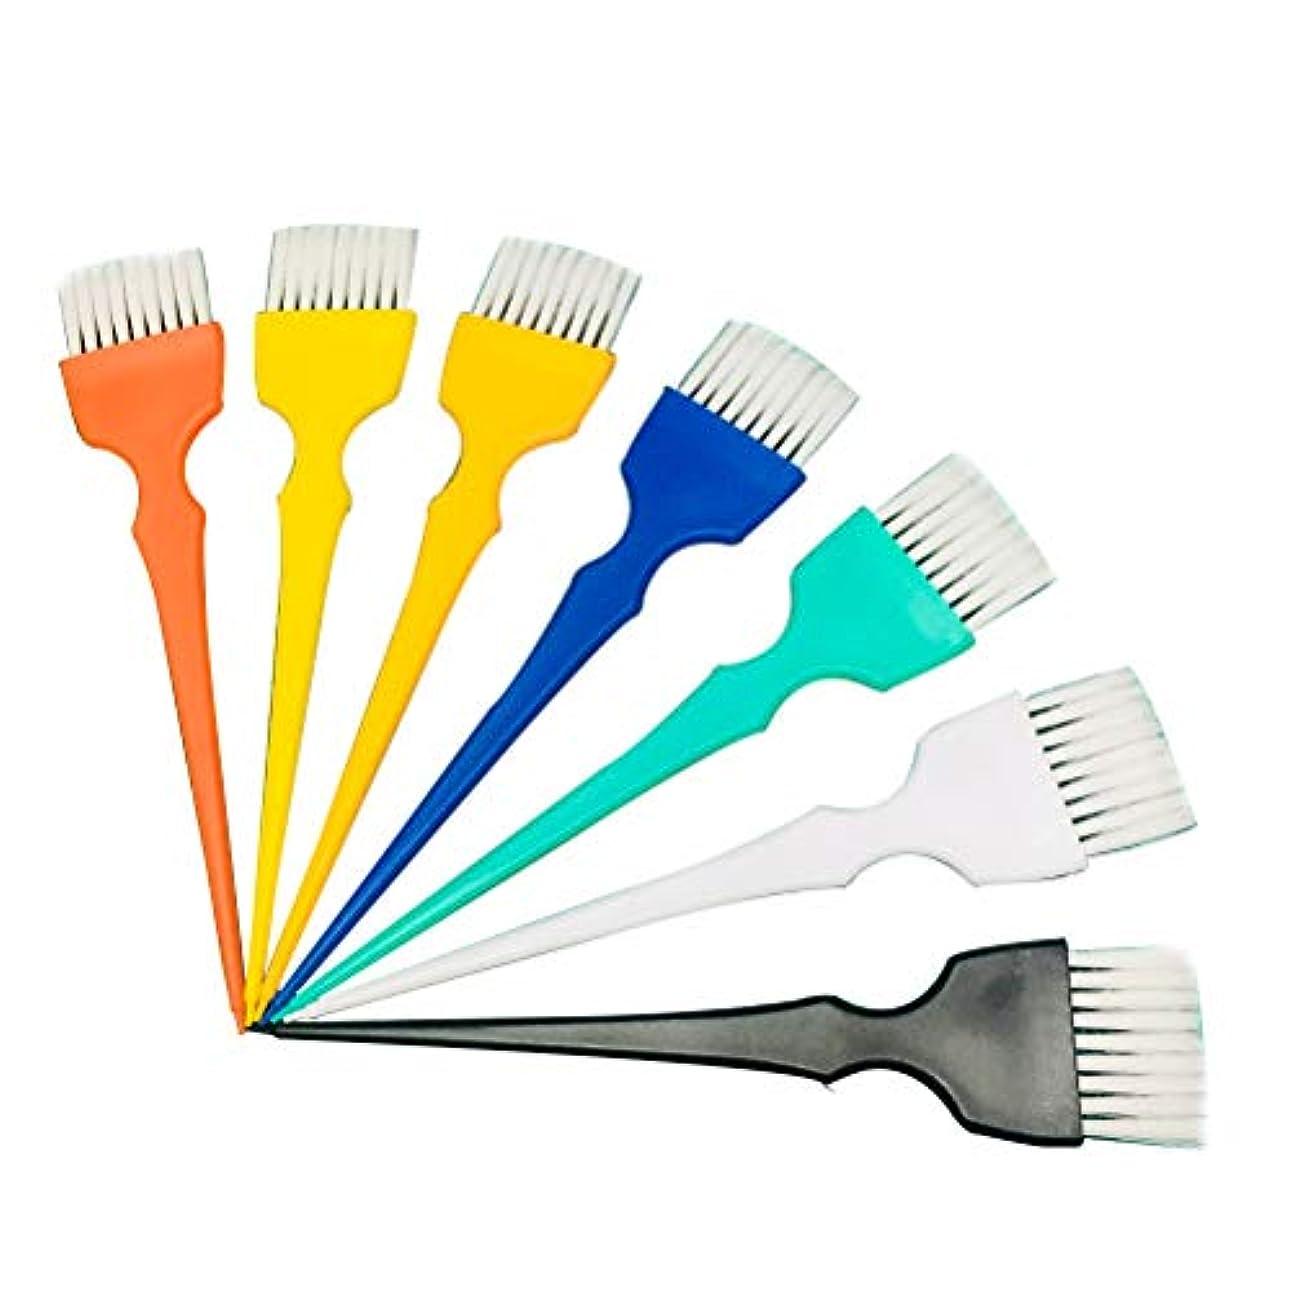 ねばねば正しい回転させるBeaupretty 7本染毛ブラシプラスチックソフトブラシヘアカラーブラシ美容院用(ランダムカラー)